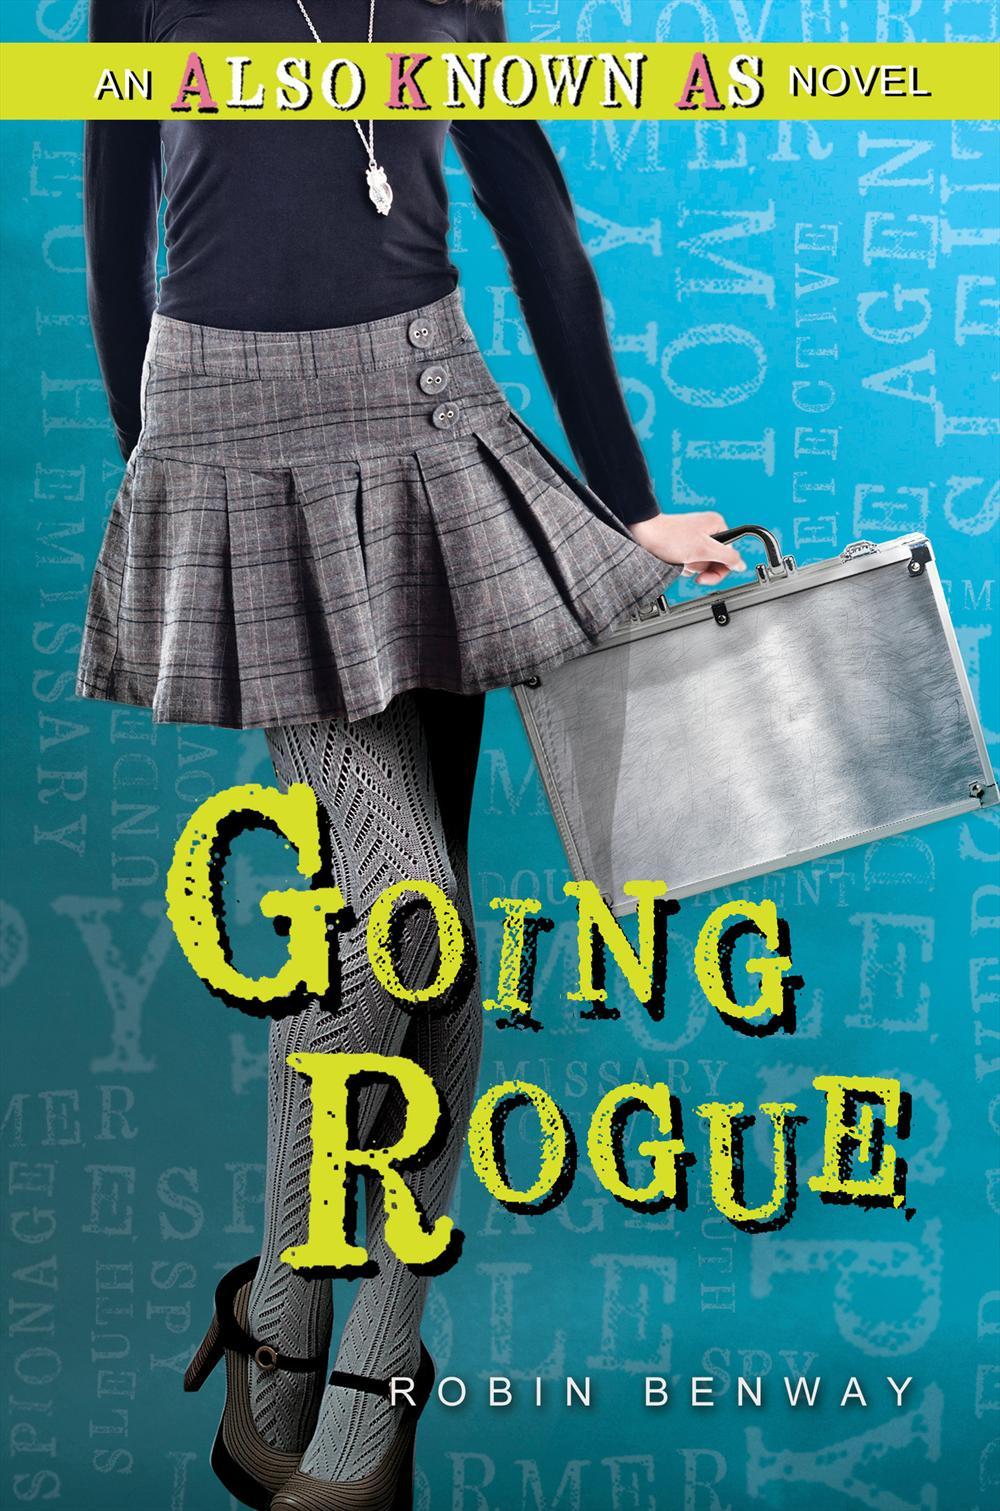 Going Rogue Robin Benway